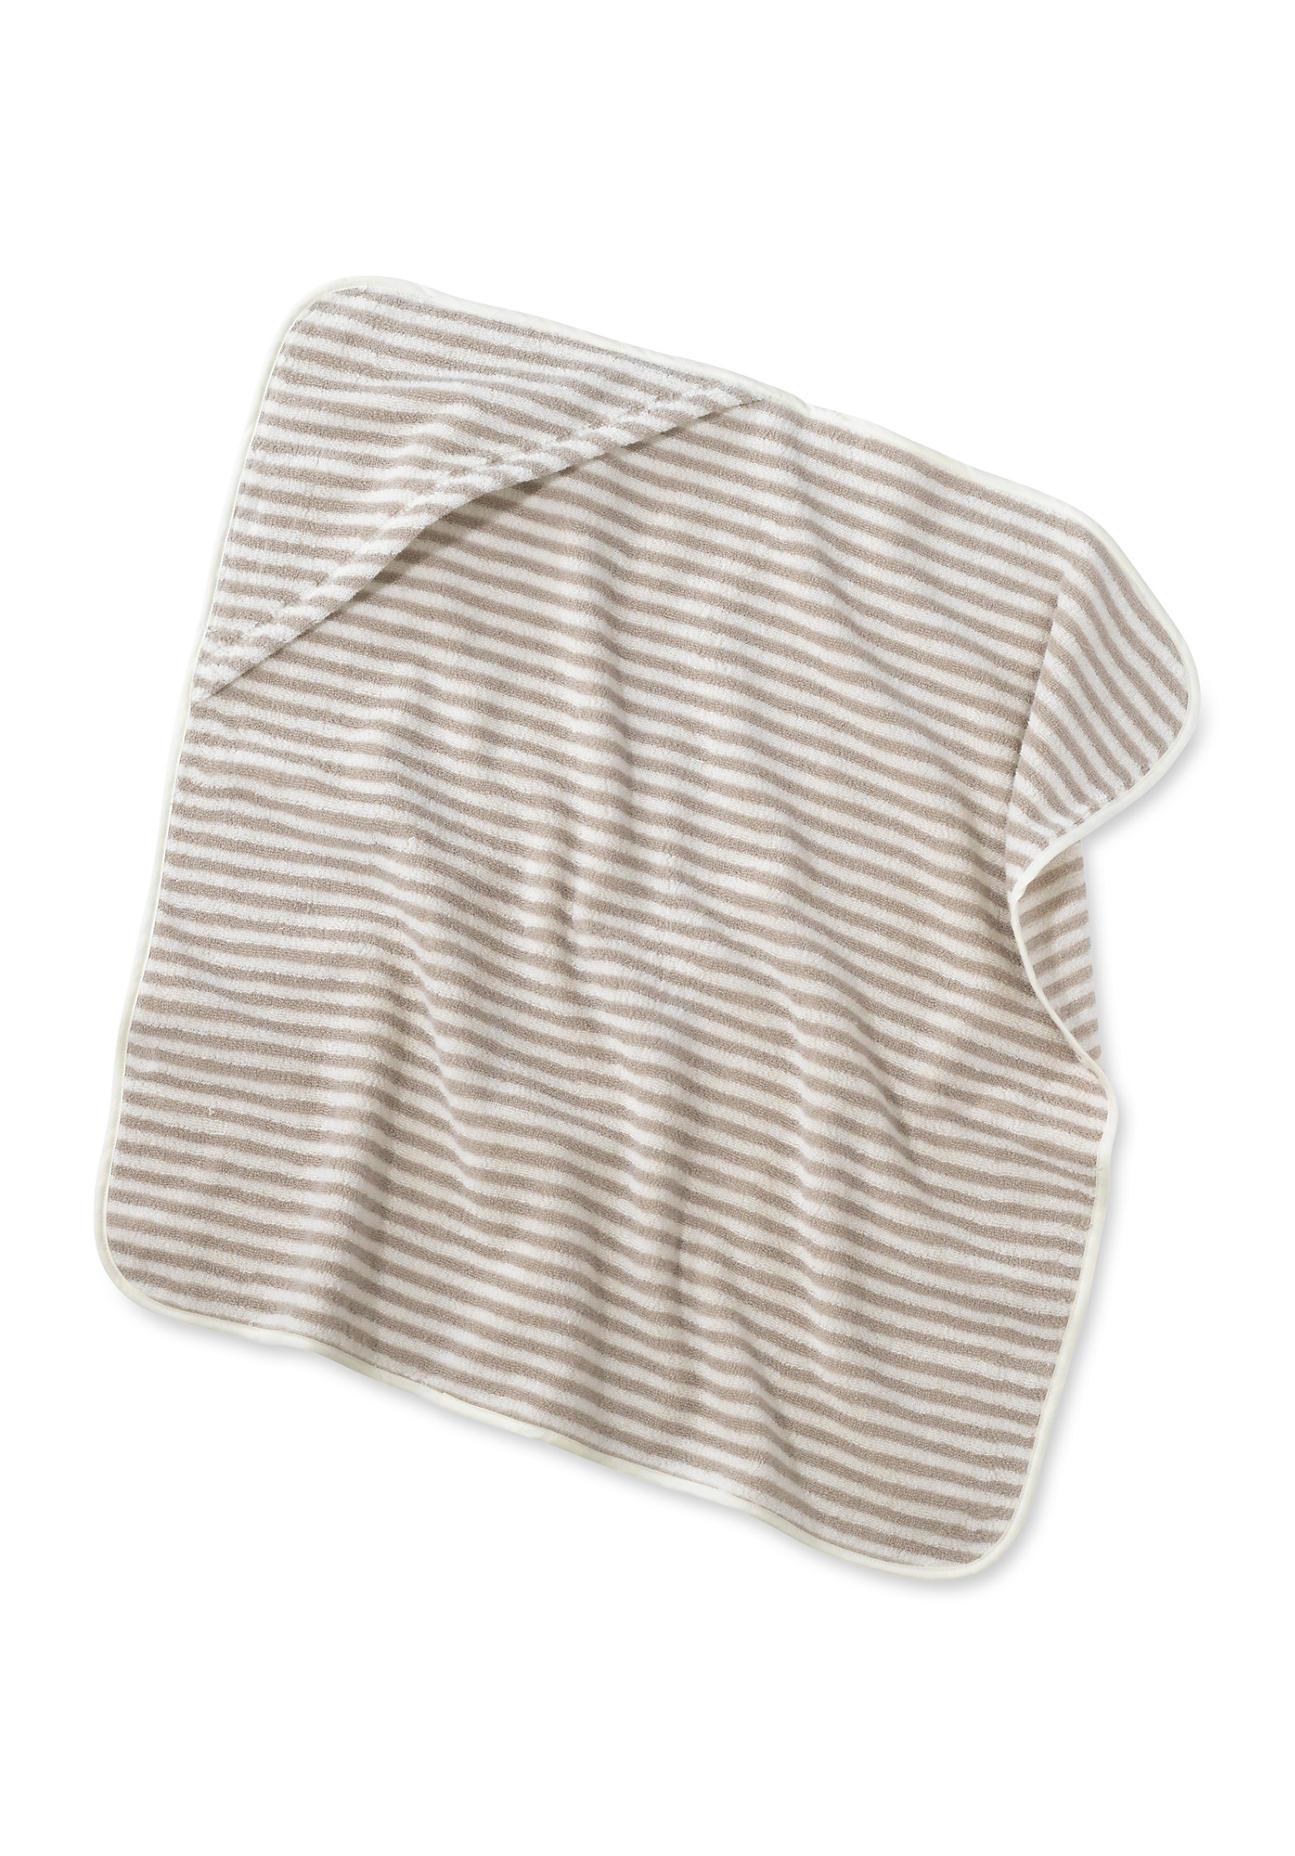 Image of hessnatur Baby Badetuch aus Bio-Baumwolle – beige – Größe 80x80 cm